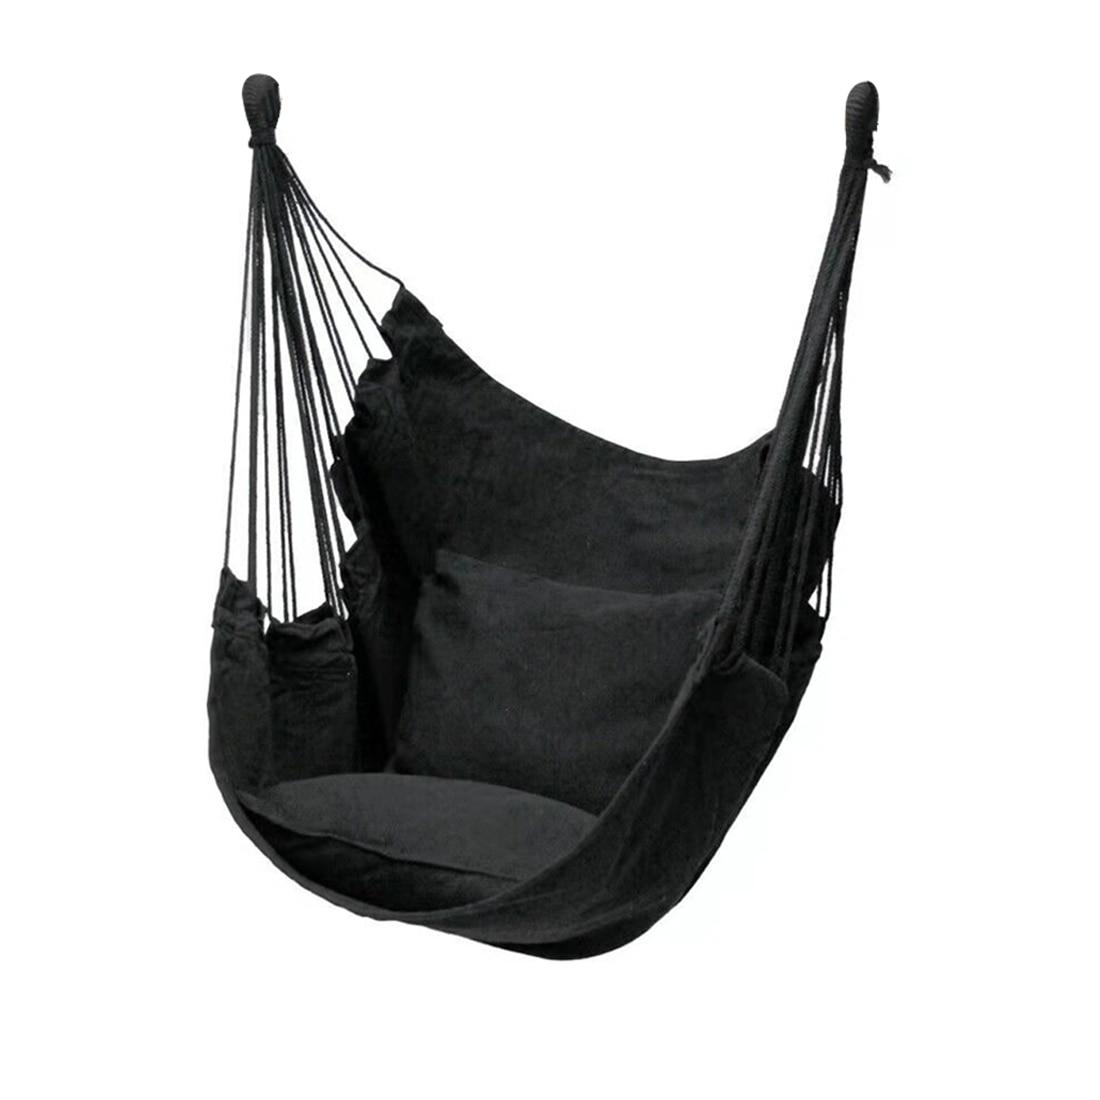 Гамак уличный садовый, подвесное кресло-качели, стул для взрослых и детей, гамак для отдыха, качели для кемпинга и помещений